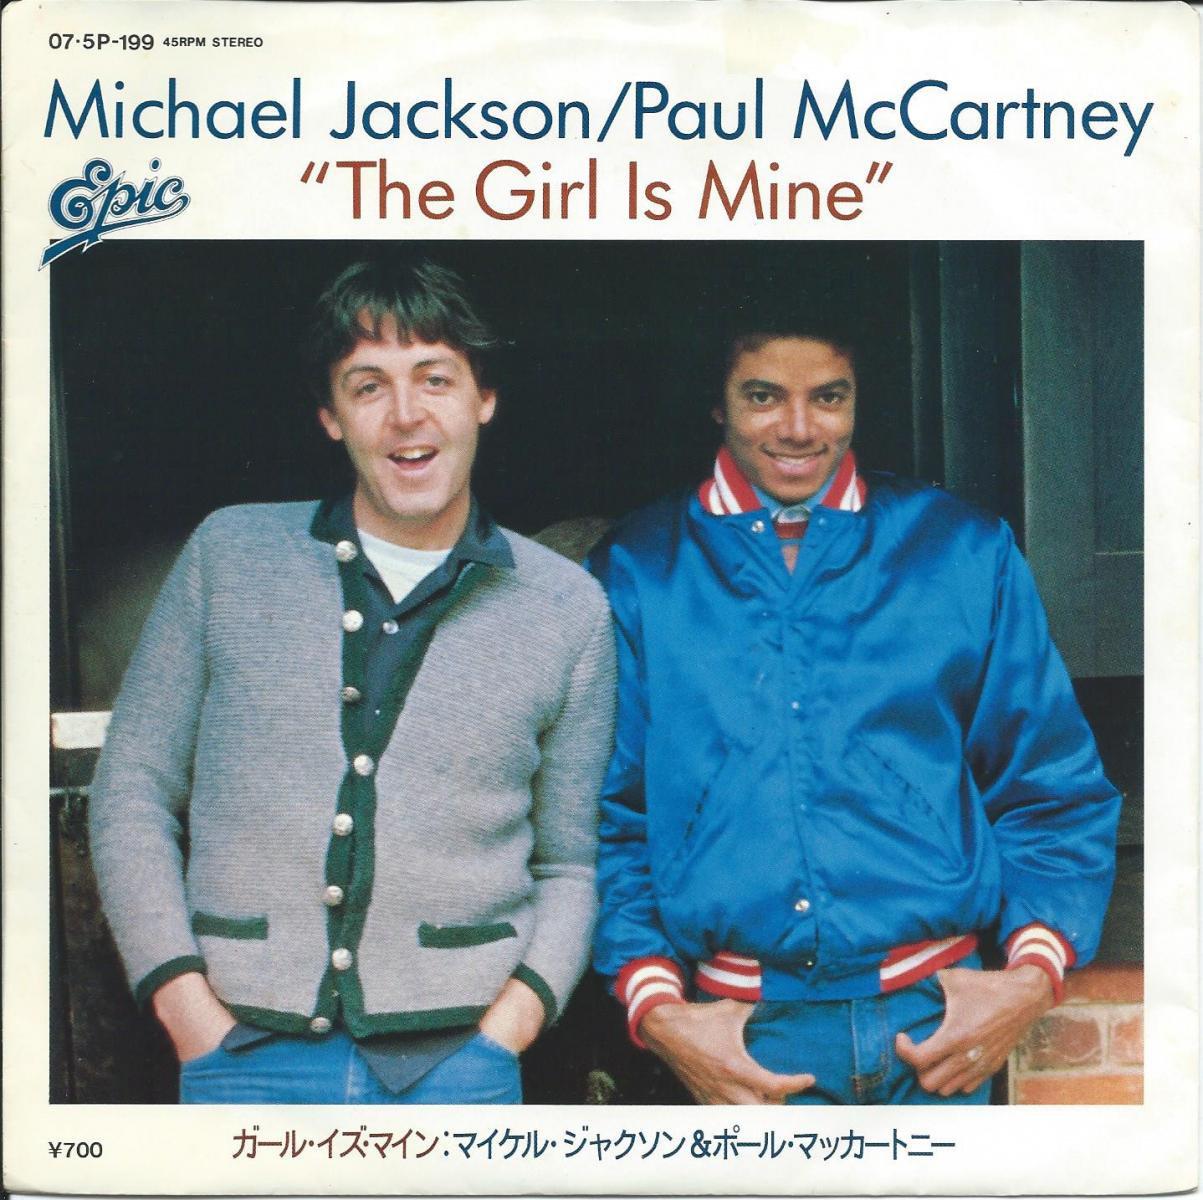 マイケル・ジャクソン & ポール・マッカートニー MICHAEL JACKSON & PAUL MCCARTNEY / ガール・イズ・マイン THE GIRLS IS MINE (7